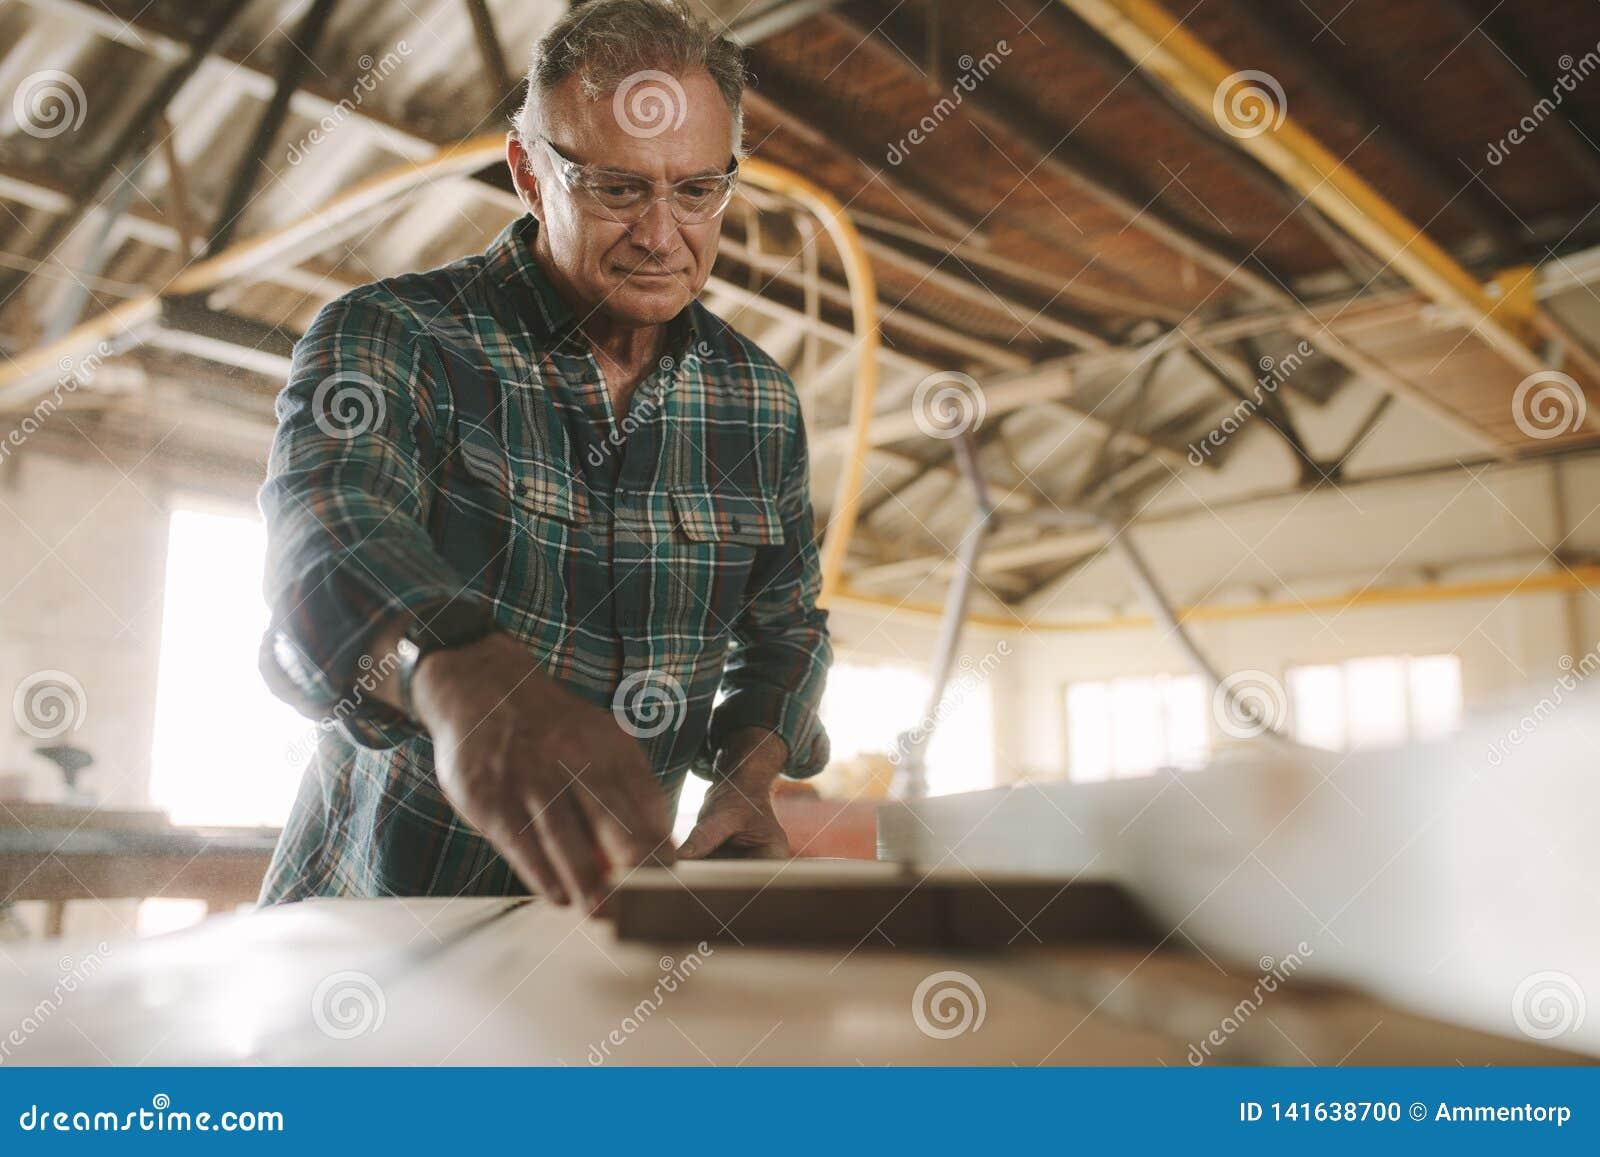 Tischler, der hölzerne Planken in der elektrischen Säge schneidet